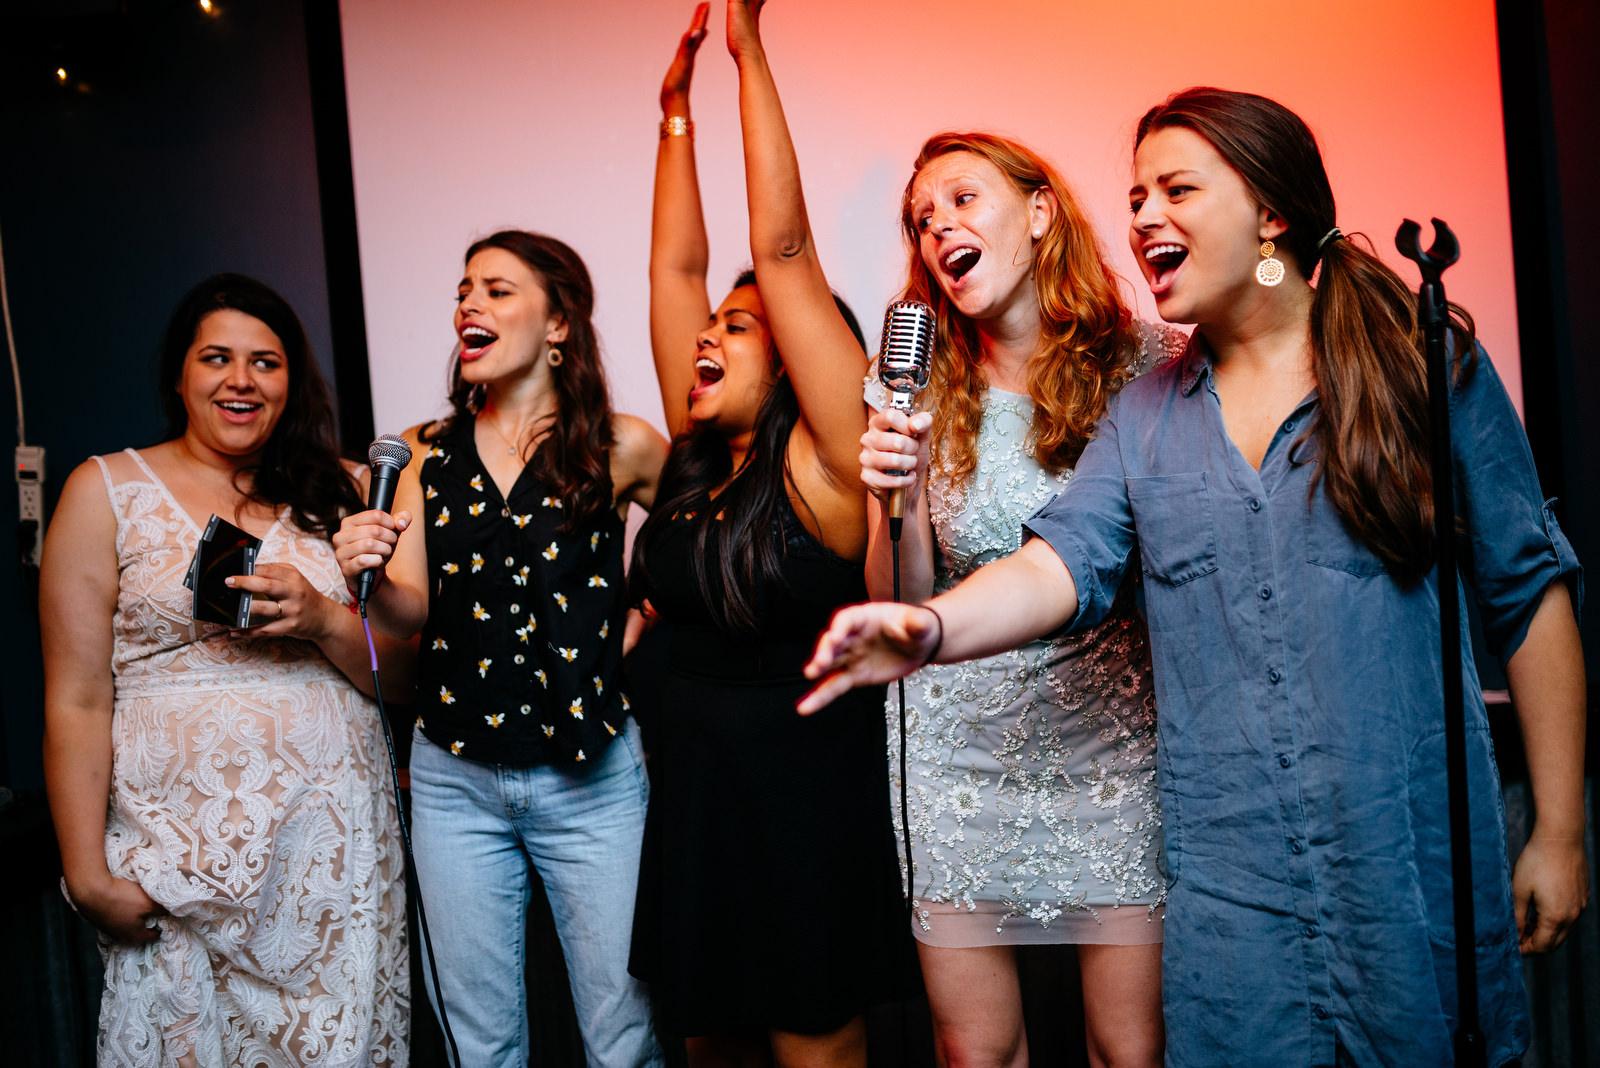 wedding afterparty karaoke best friends bar